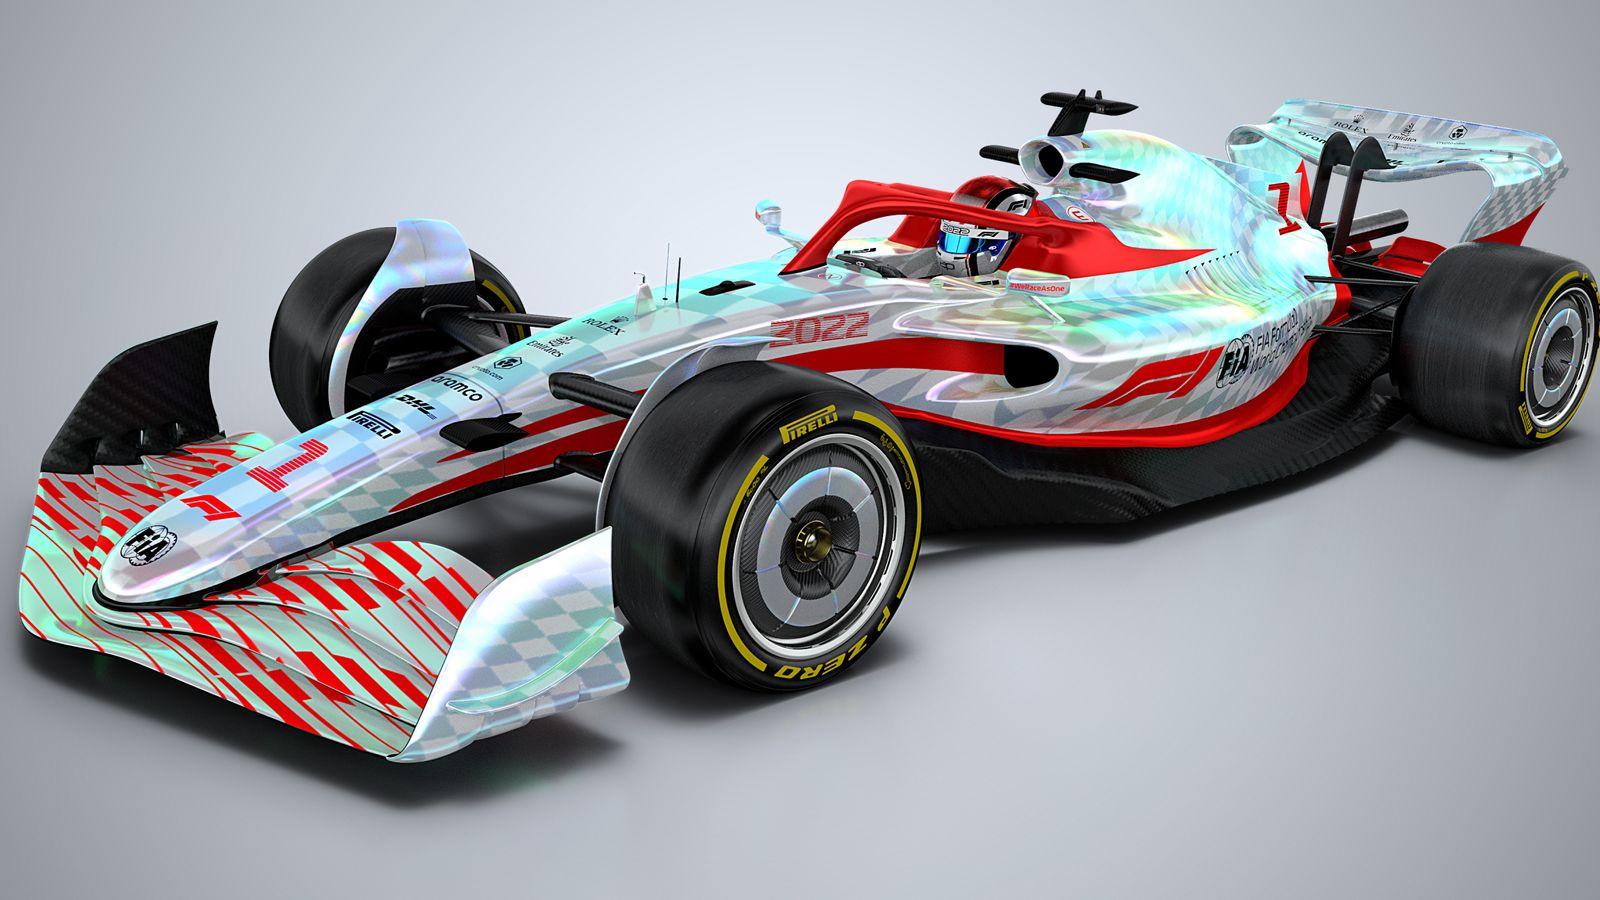 www.skysports.com